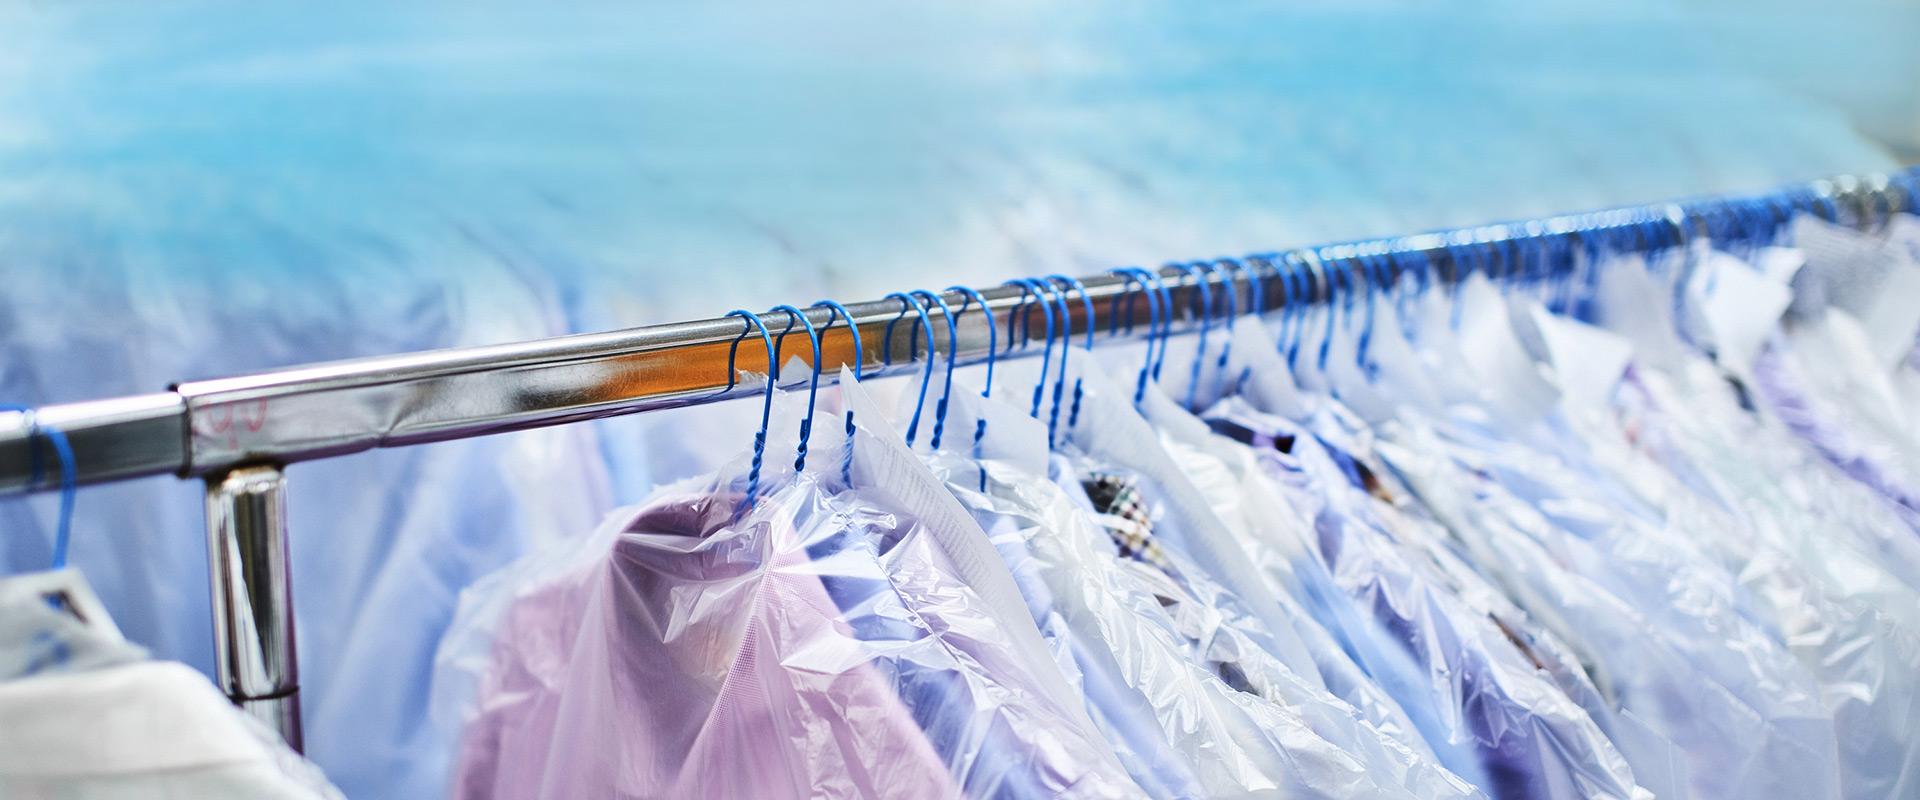 background-lavaggio-servizi_sgm-lavanderia-industriale